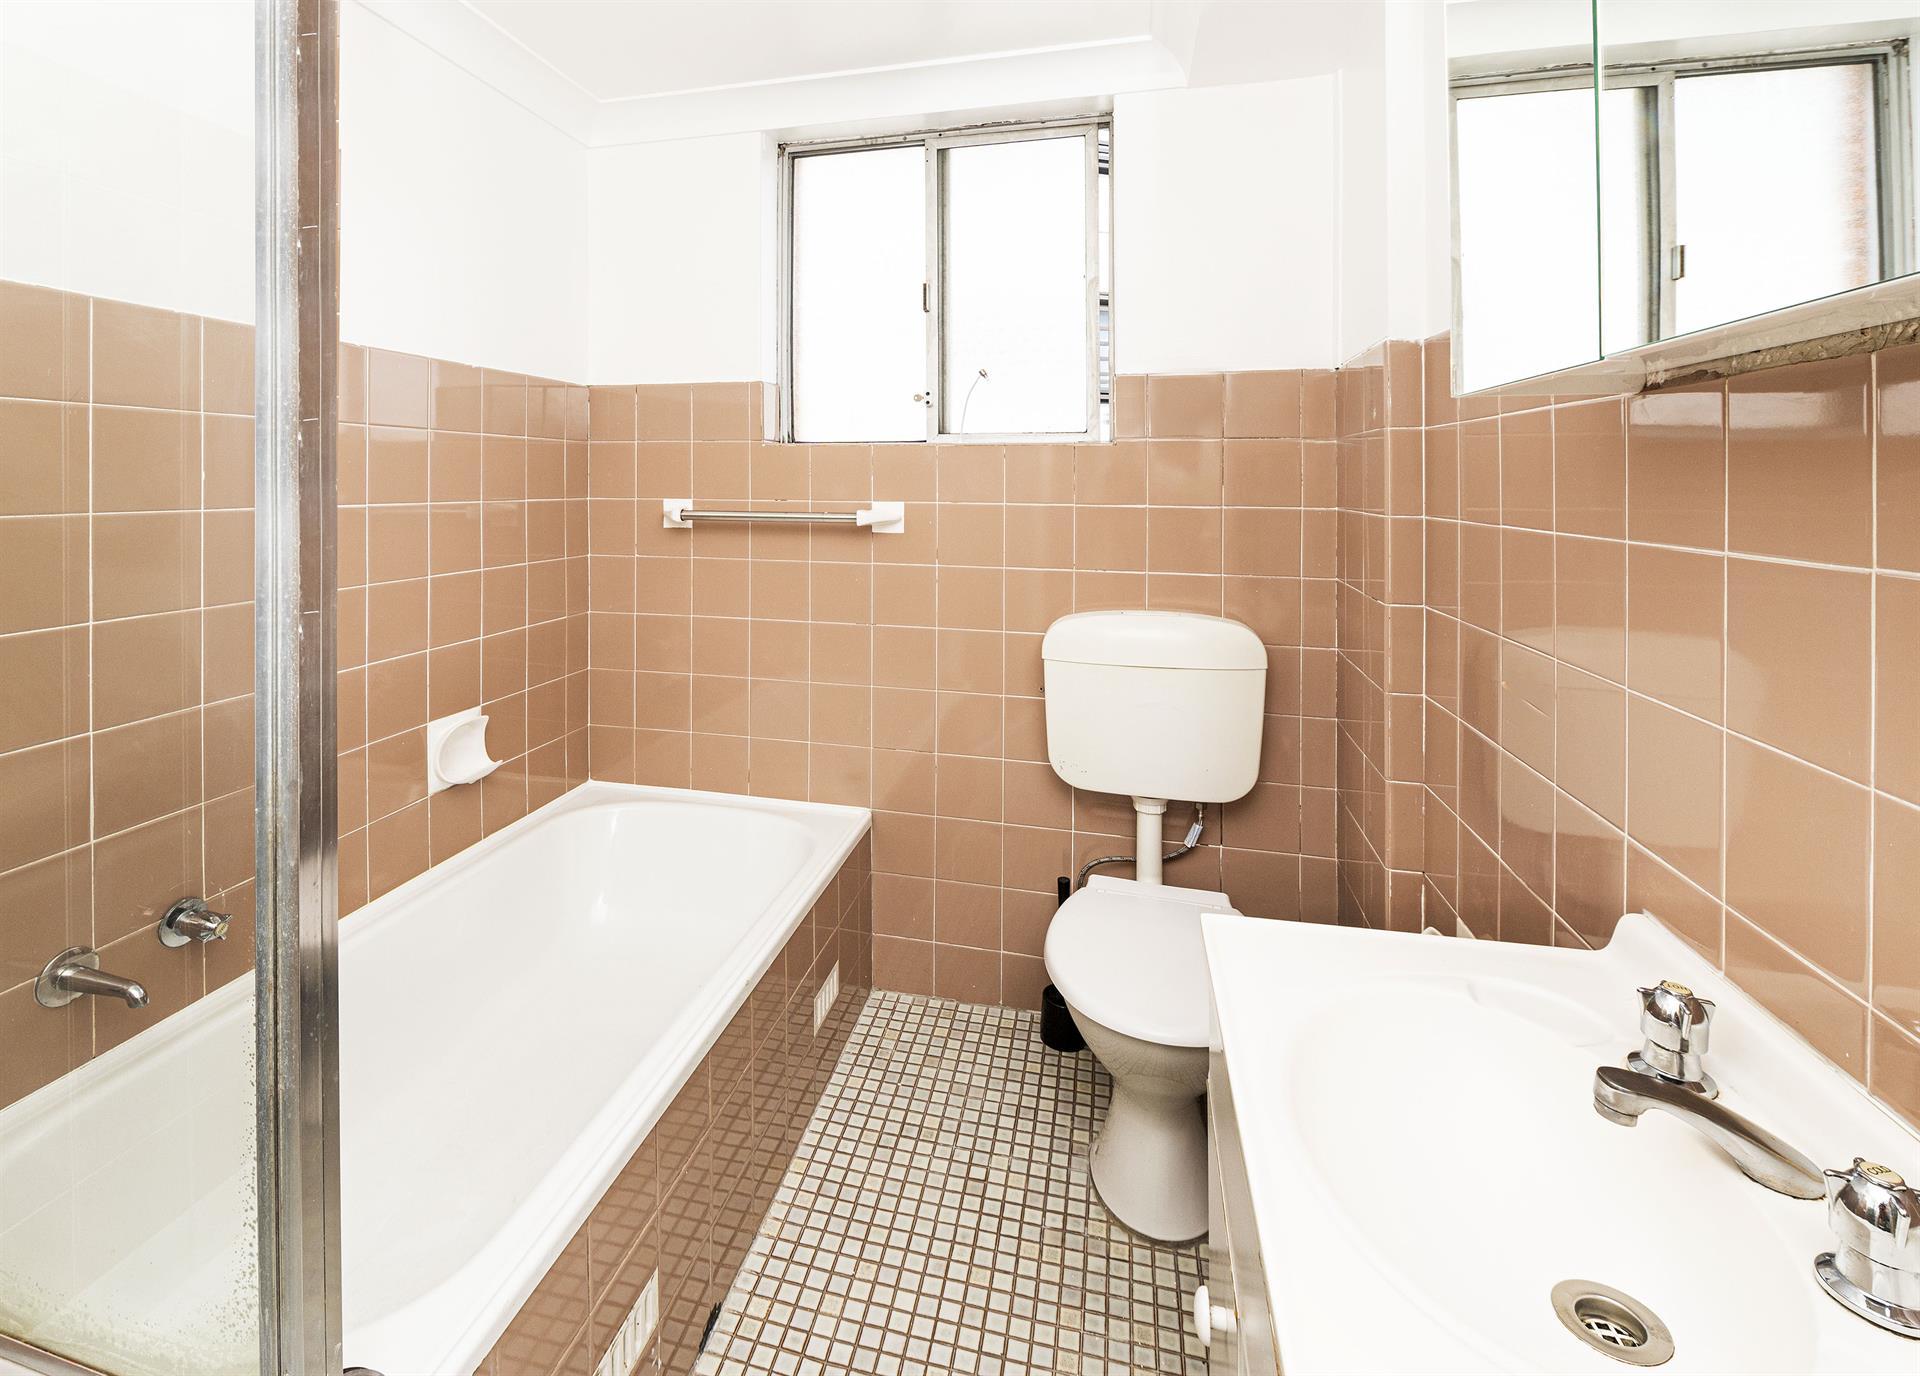 4/47 Boronia St, Kensington, NSW 2033 - Apartment for Rent ...